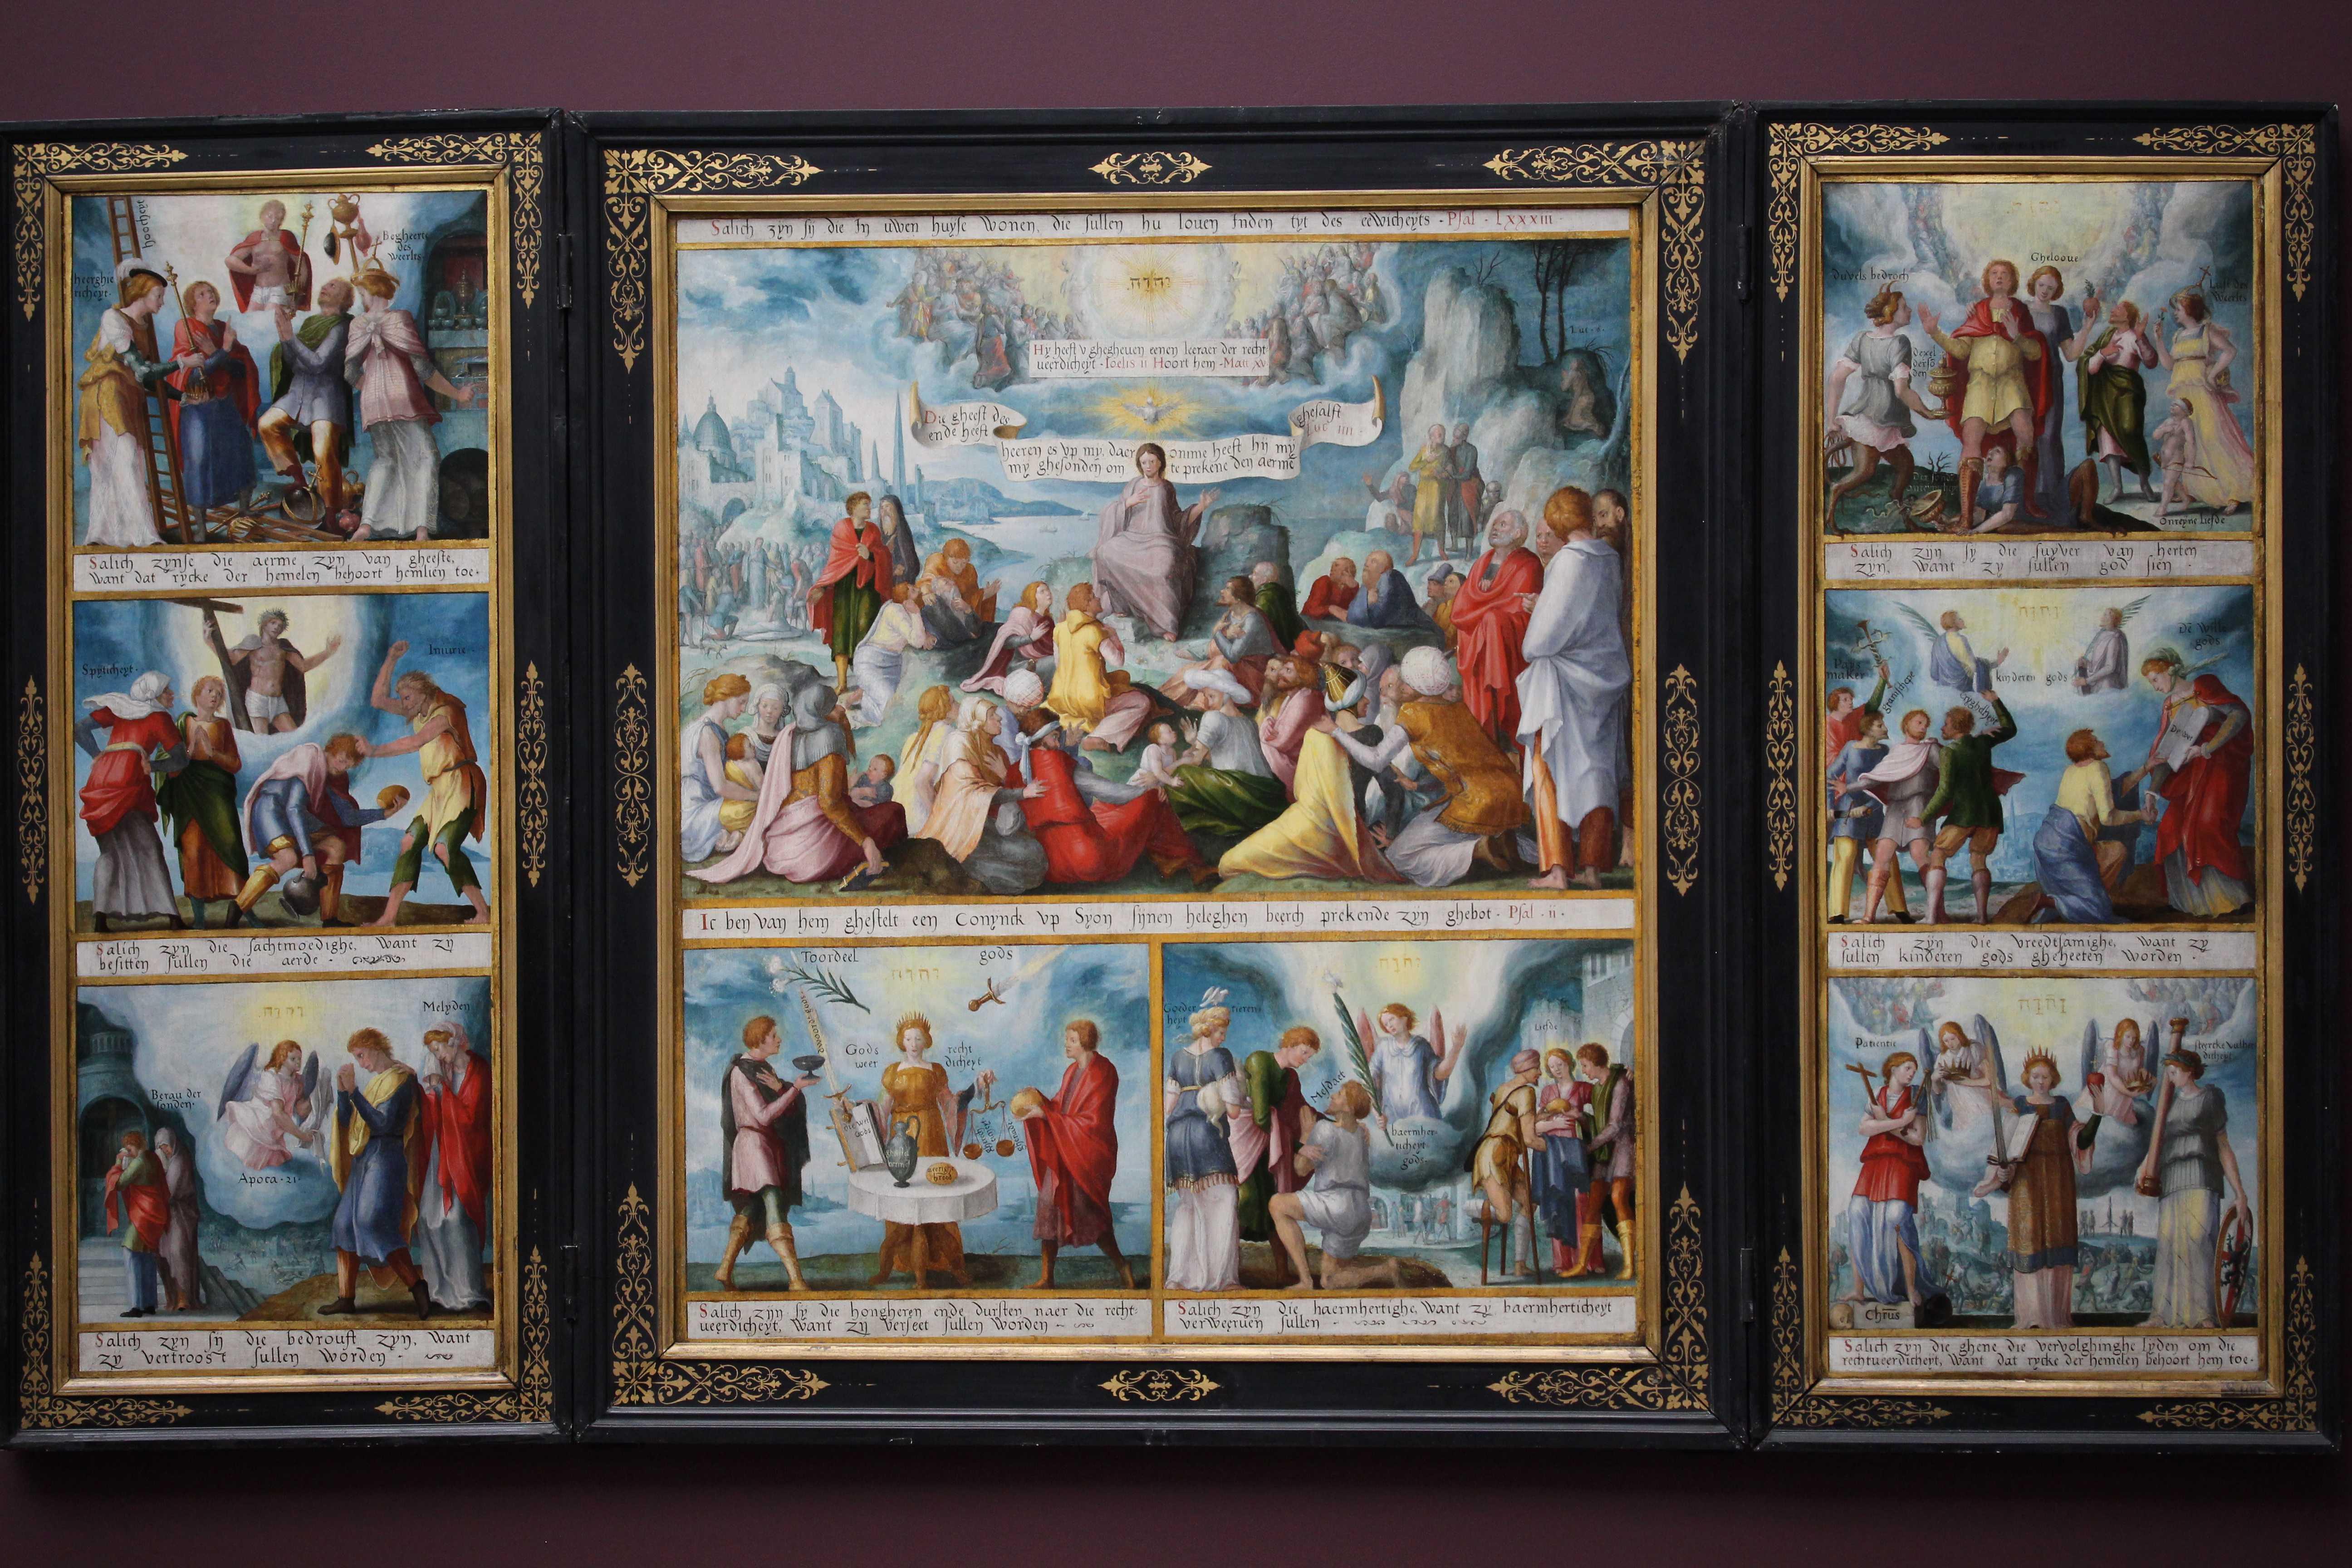 Museum of Fine Arts, Ghent / Public domain